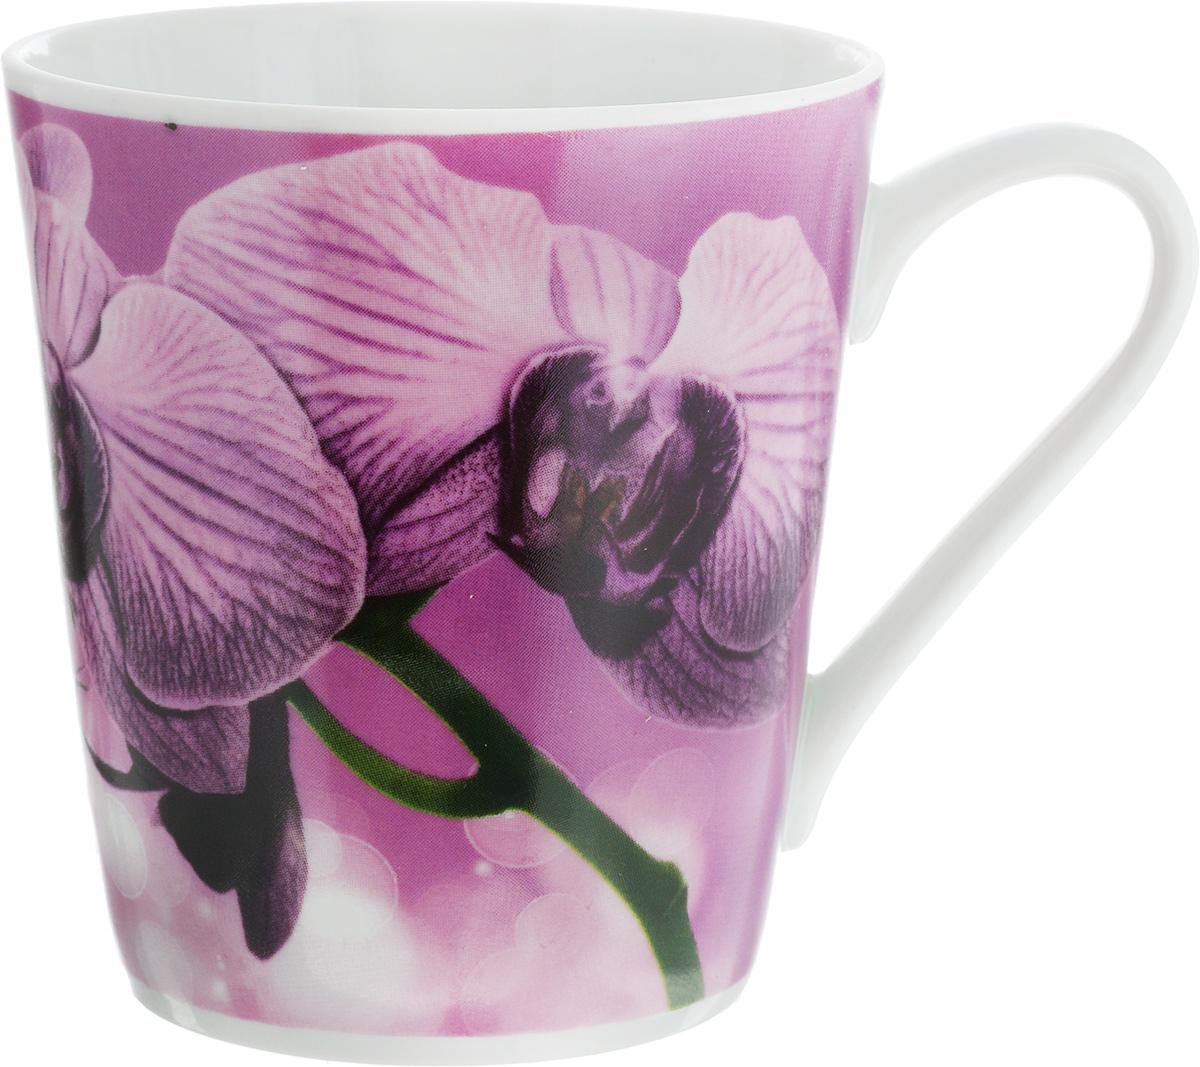 Кружка Классик. Орхидея, цвет: сиреневый, 300 мл68/5/3Кружка Классик. Орхидея изготовлена из высококачественного фарфора. Изделие оформлено красочным рисунком и покрыто превосходной сверкающей глазурью. Изысканная кружка прекрасно оформит стол к чаепитию и станет его неизменным атрибутом.Диаметр кружки (по верхнему краю): 8,5 см.Высота кружки: 9,5 см.